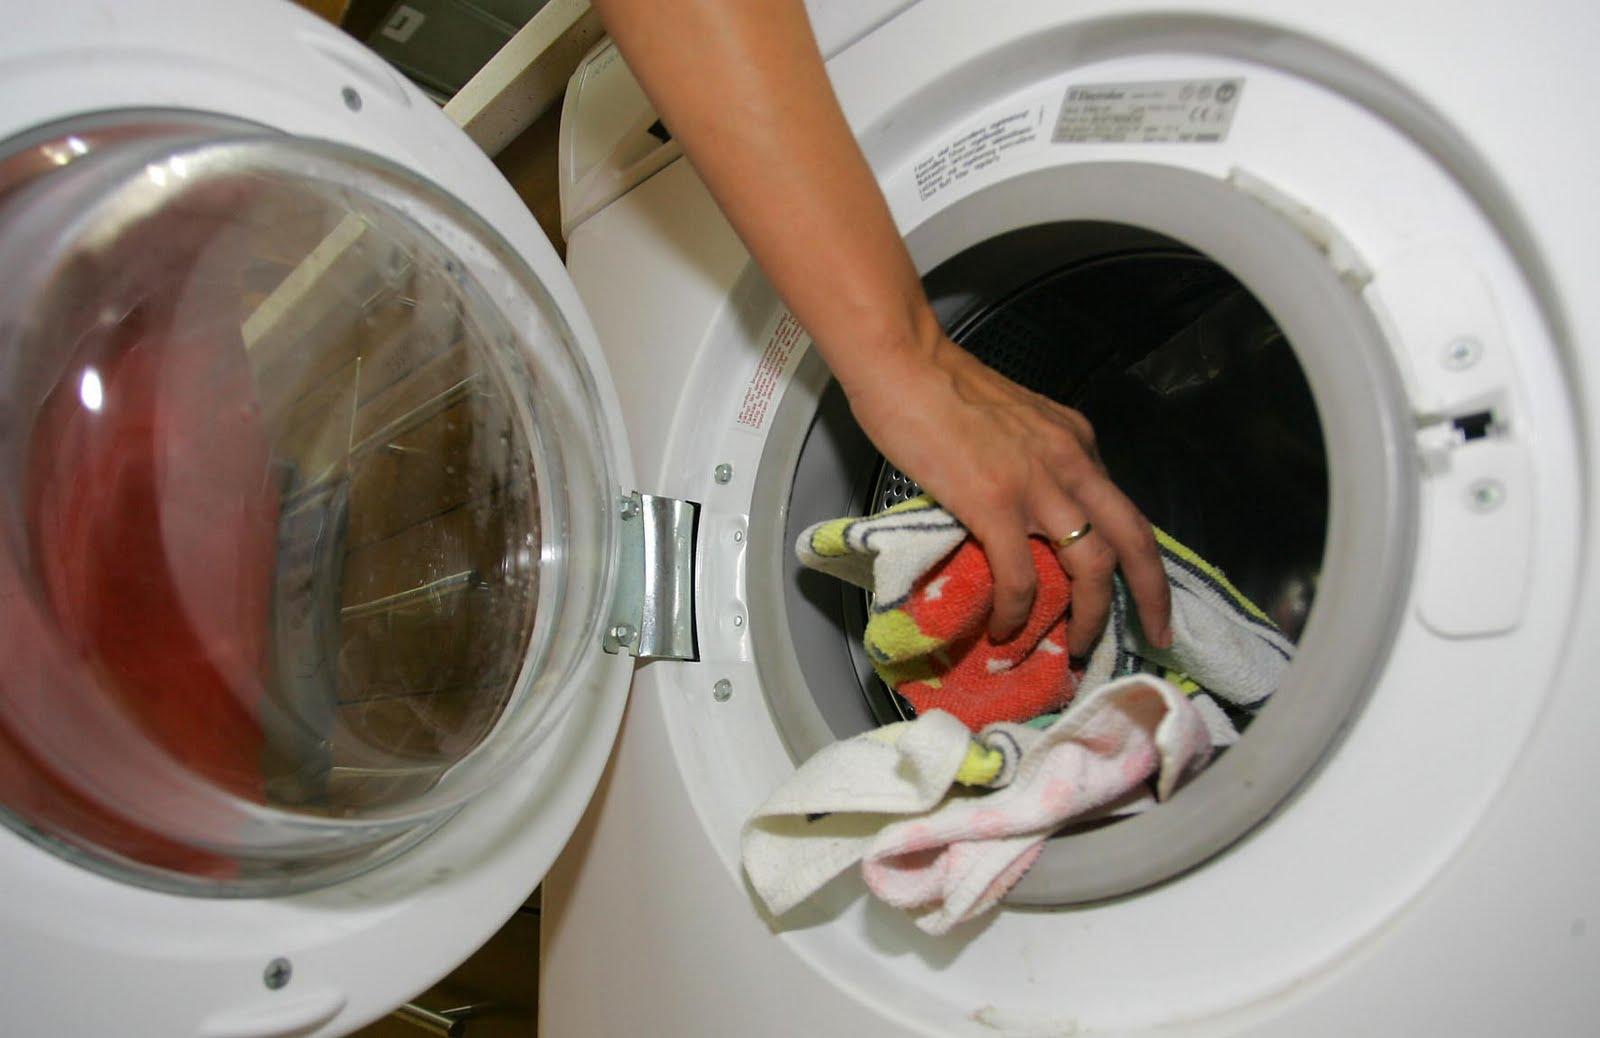 نحوه شستن لباس های کتان-درست مصرف کنیم - آموزش همگانی - آگاهی مصرف